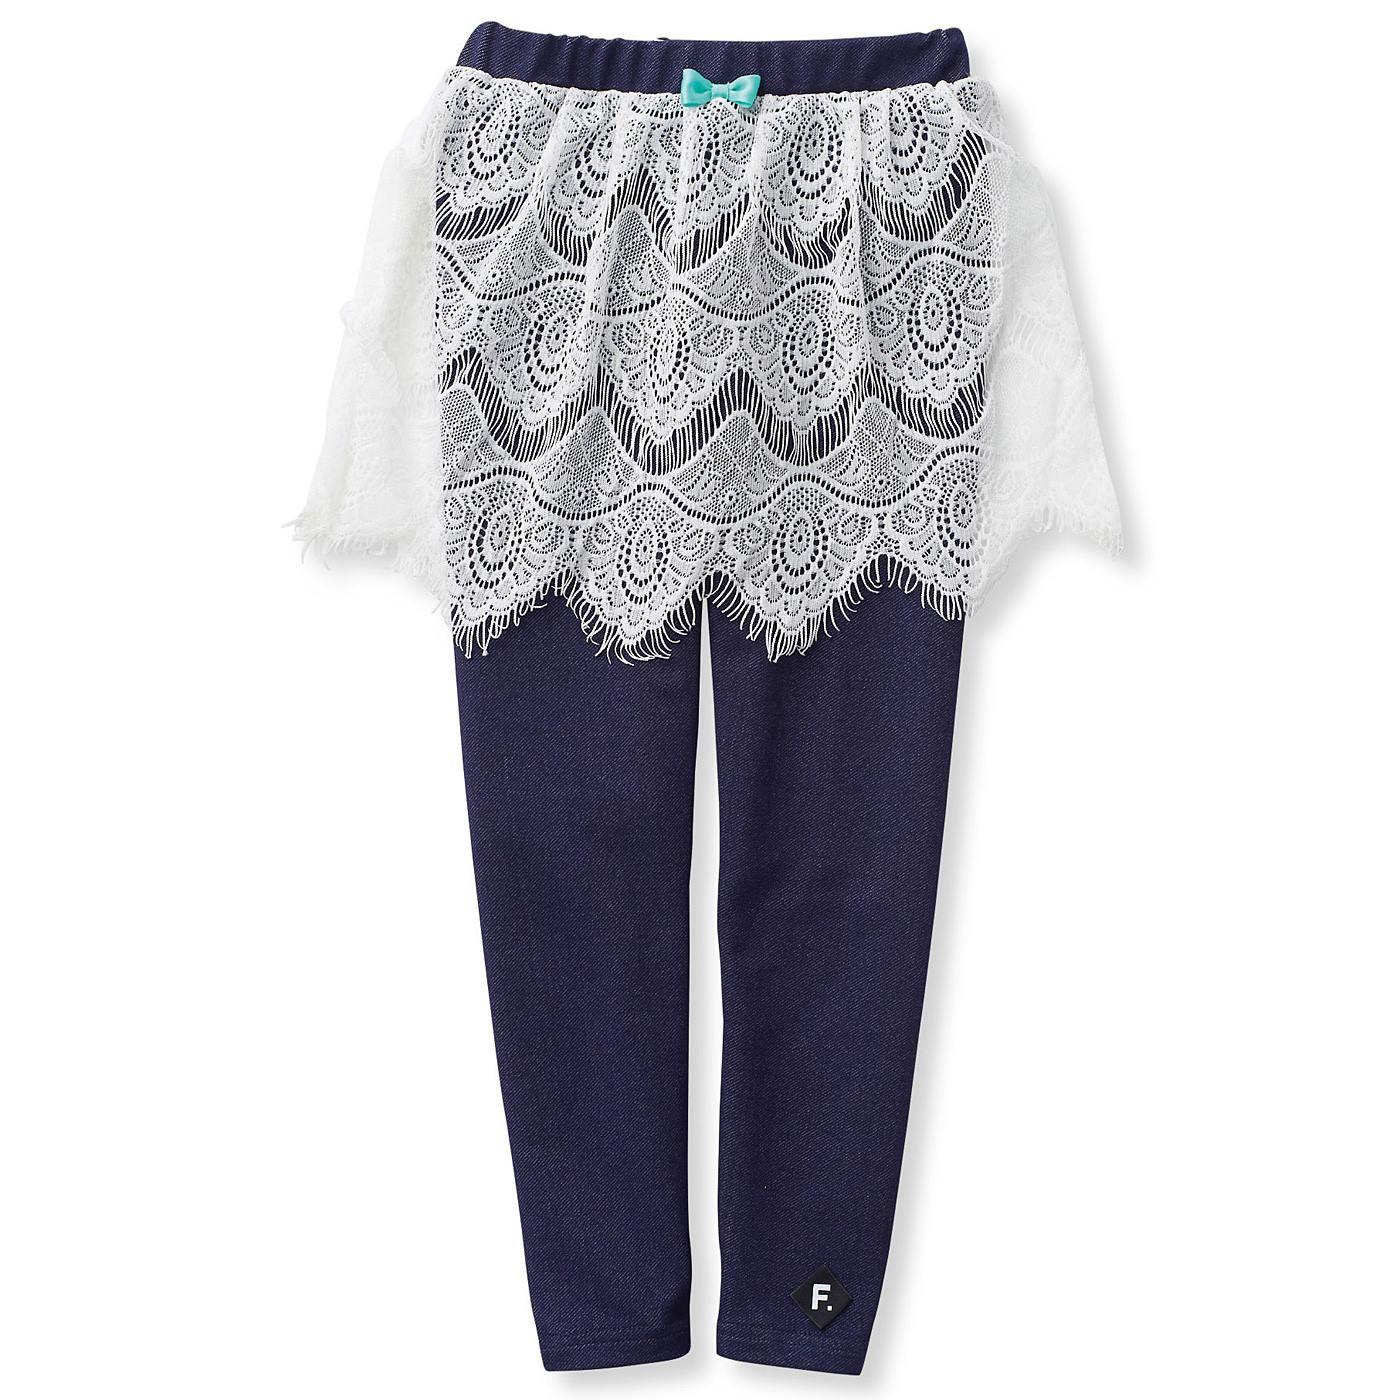 デニムスキニーパンツに繊細なスカラップレースのスカートをドッキング。